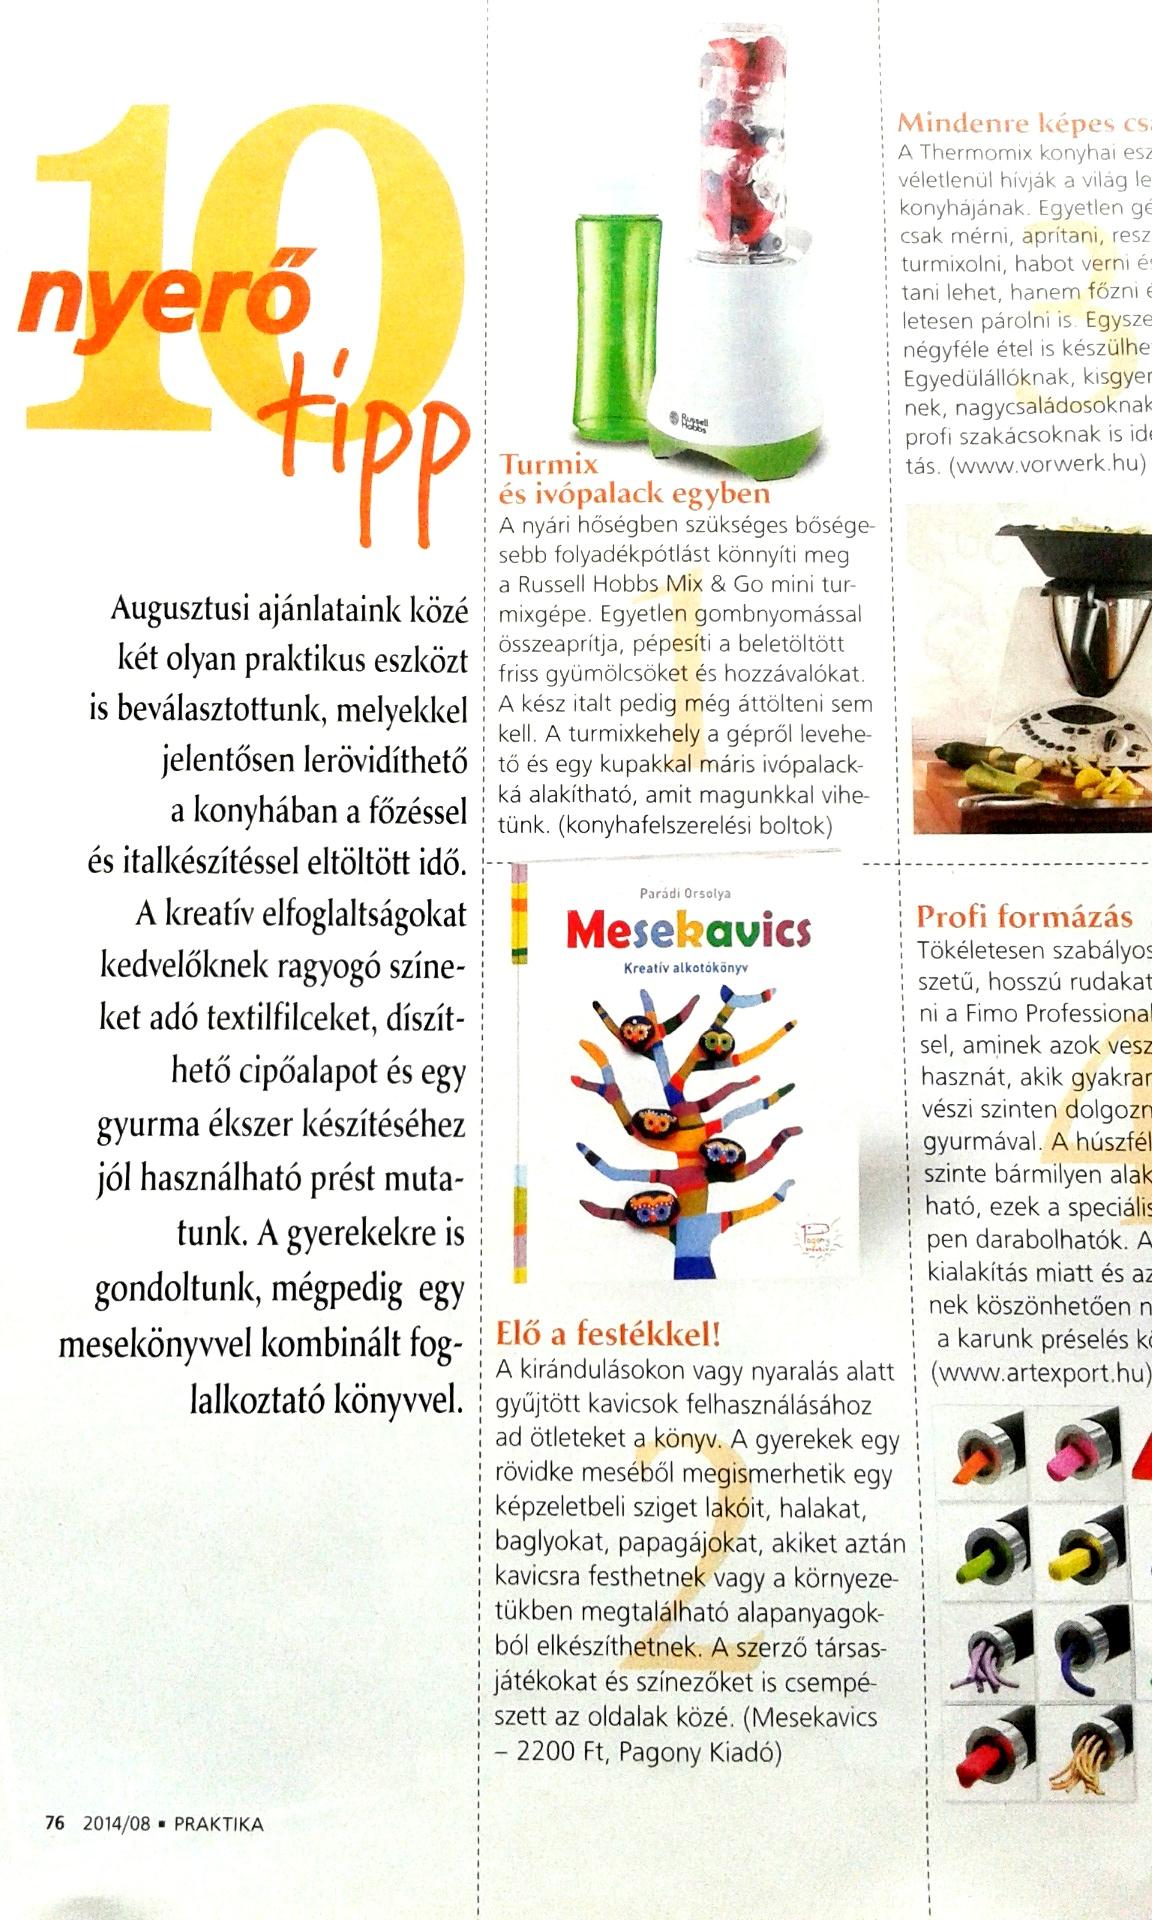 Az augusztusi Praktika magazinban is ott van a könyv.